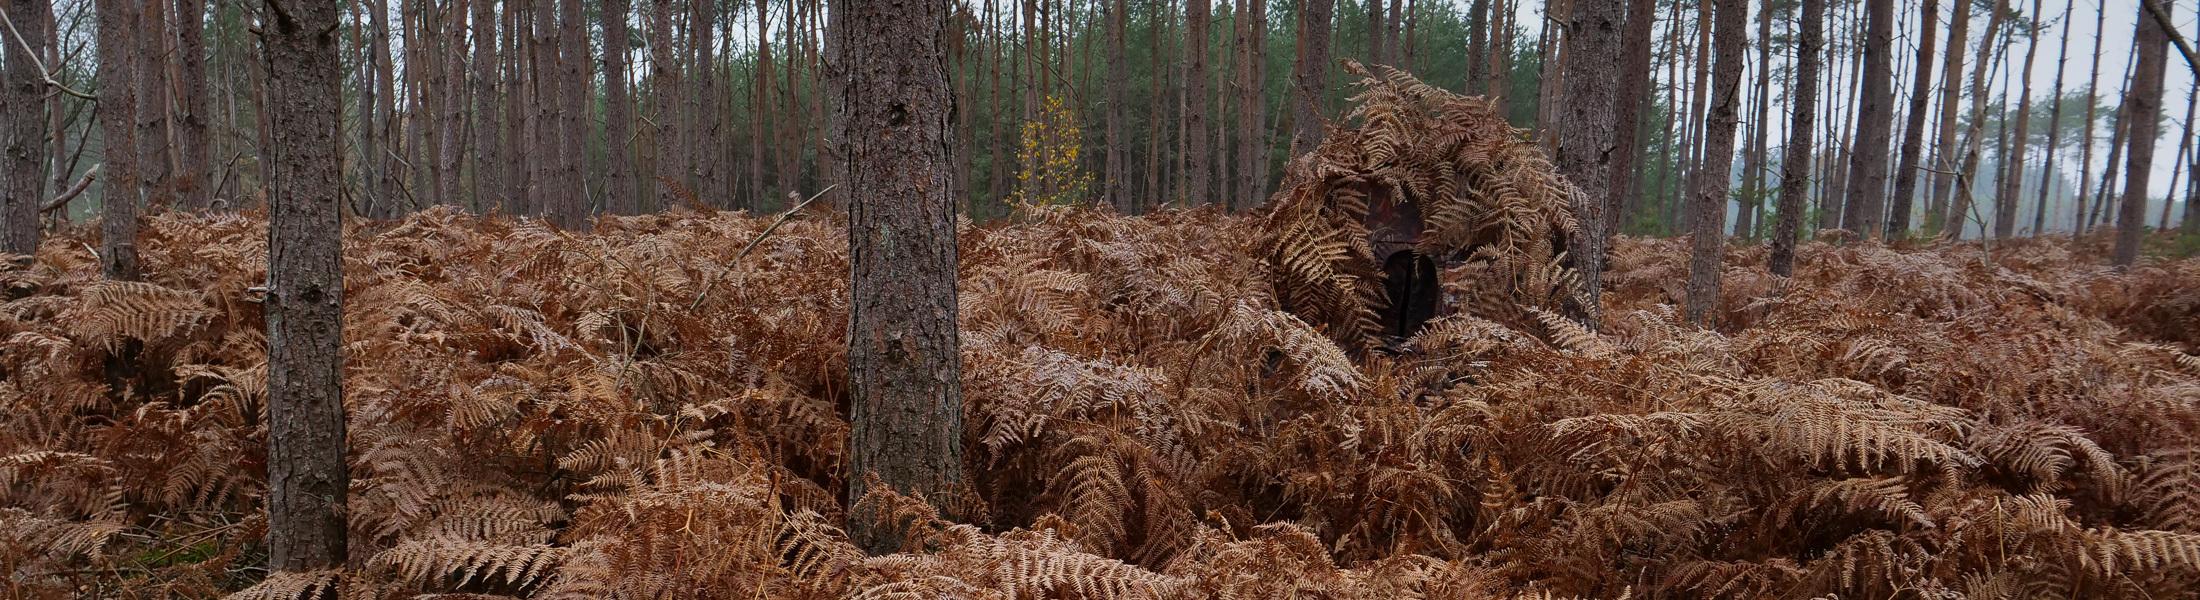 Herfst Schuiltent in bos